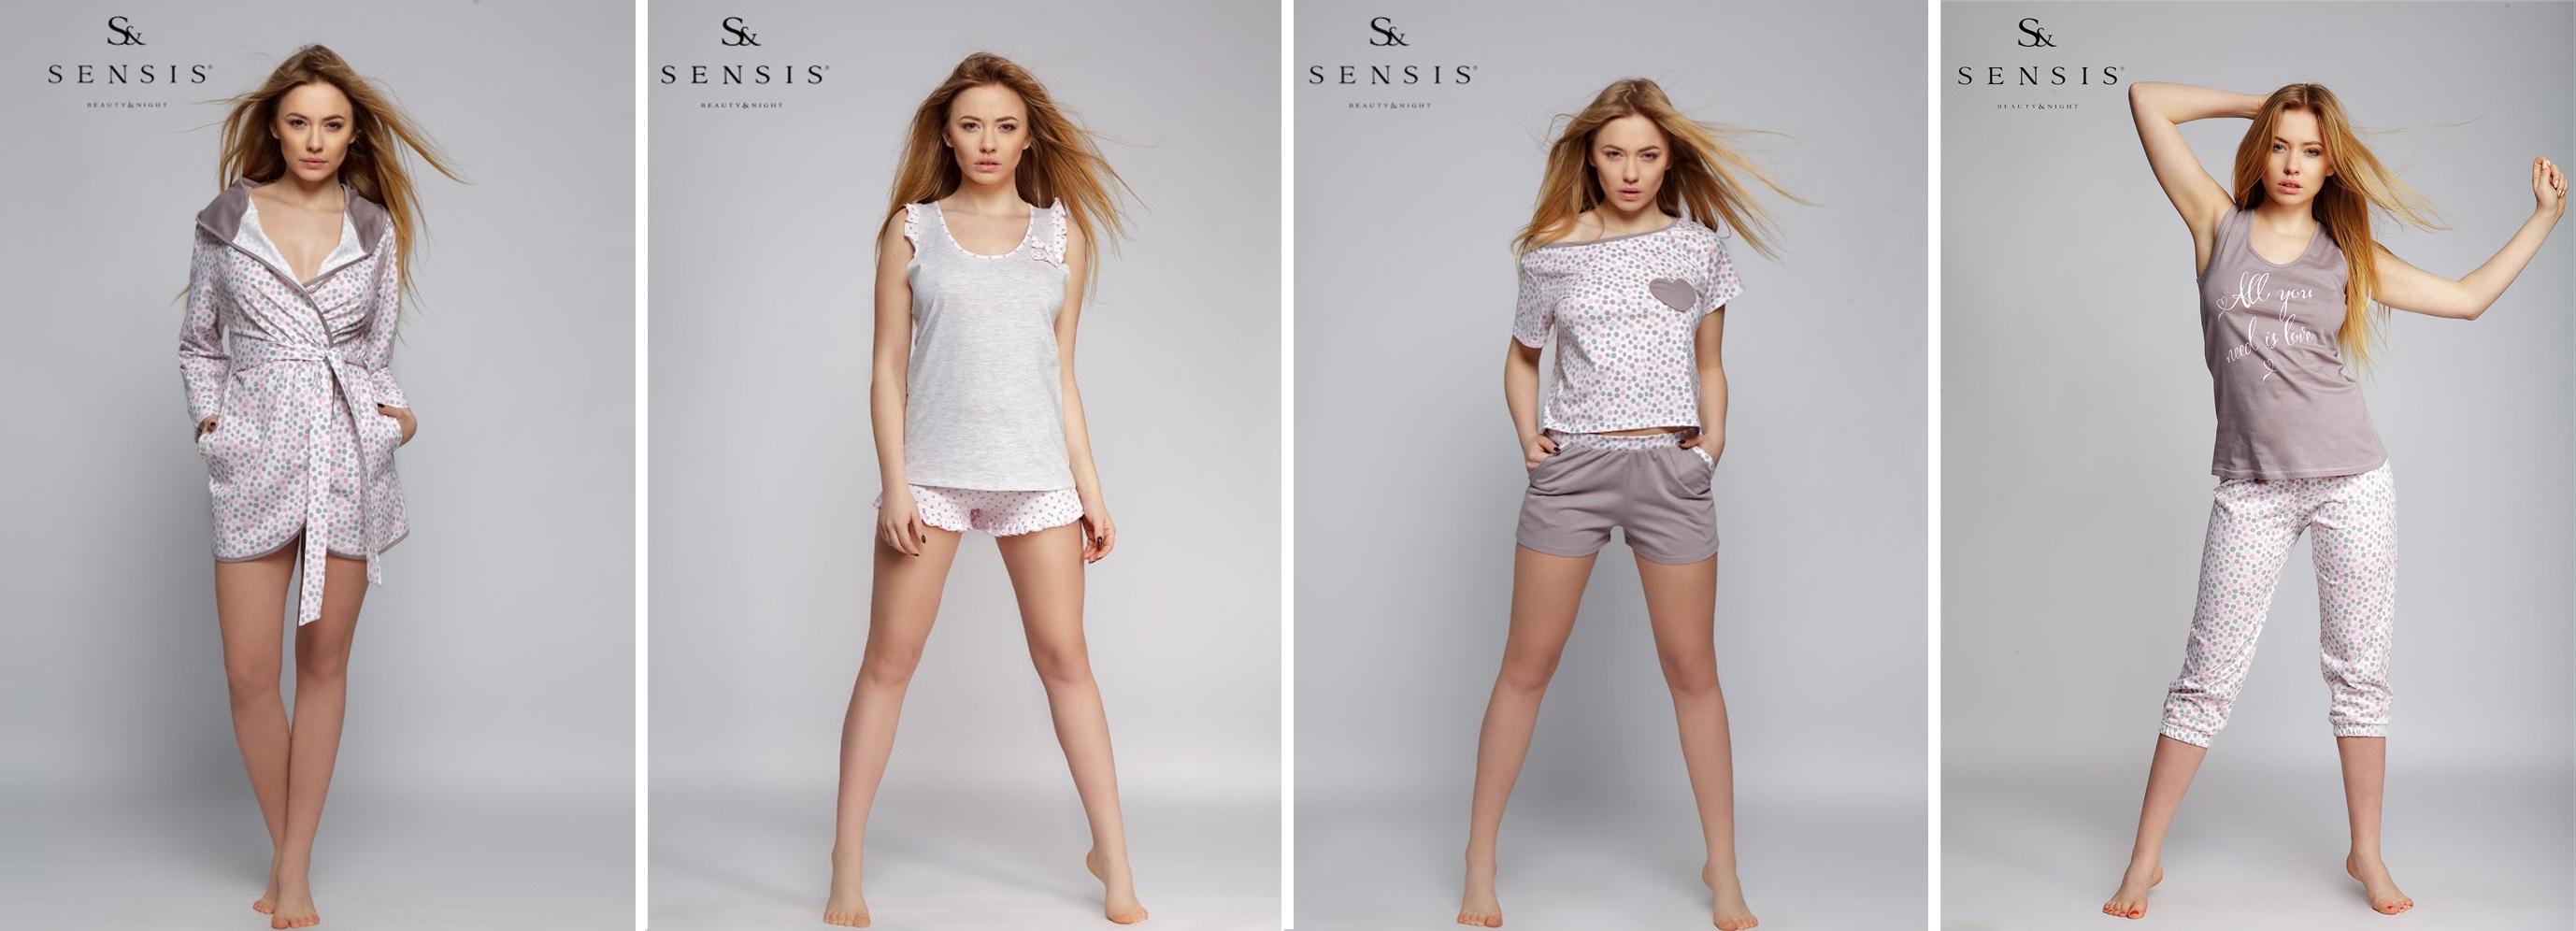 халаты женcкие пижамы комплекты для сна ТМ Sensis купить интернет-магазин Киев